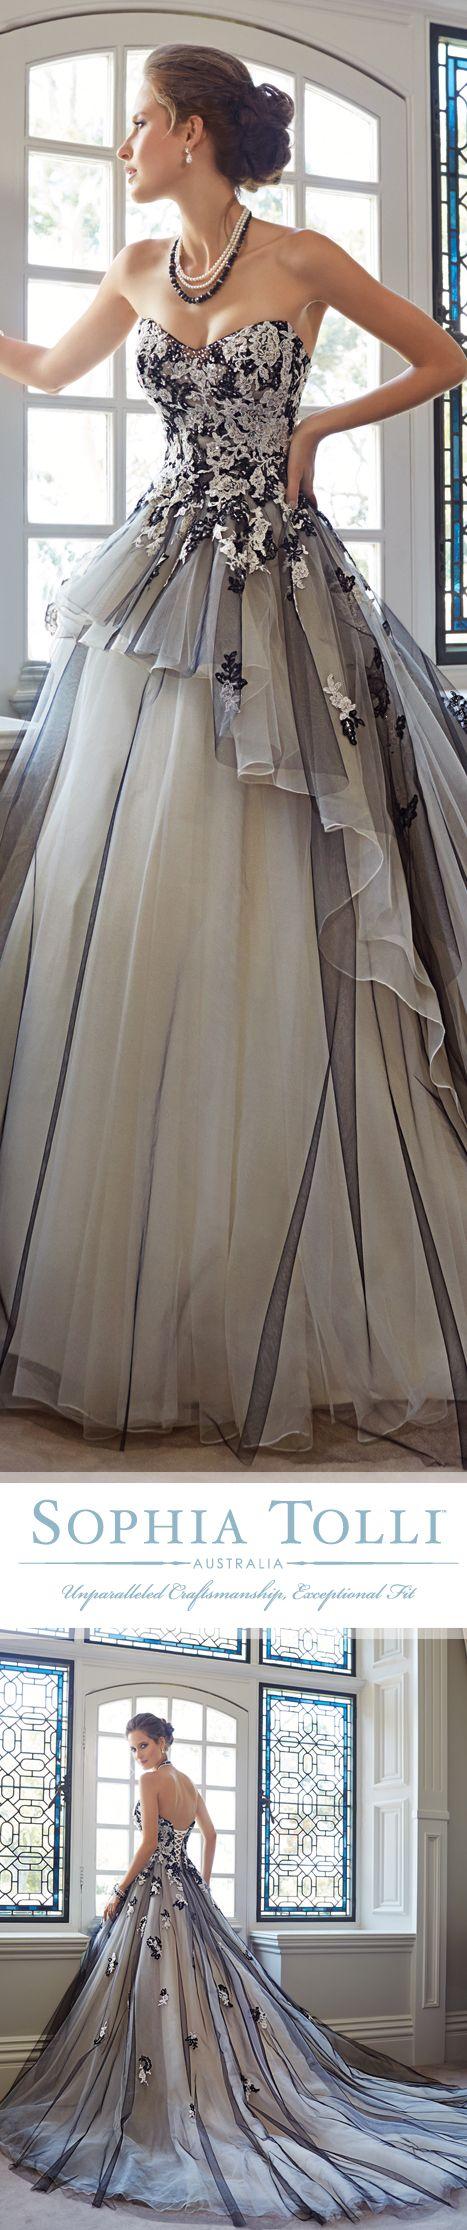 vestido longo 3